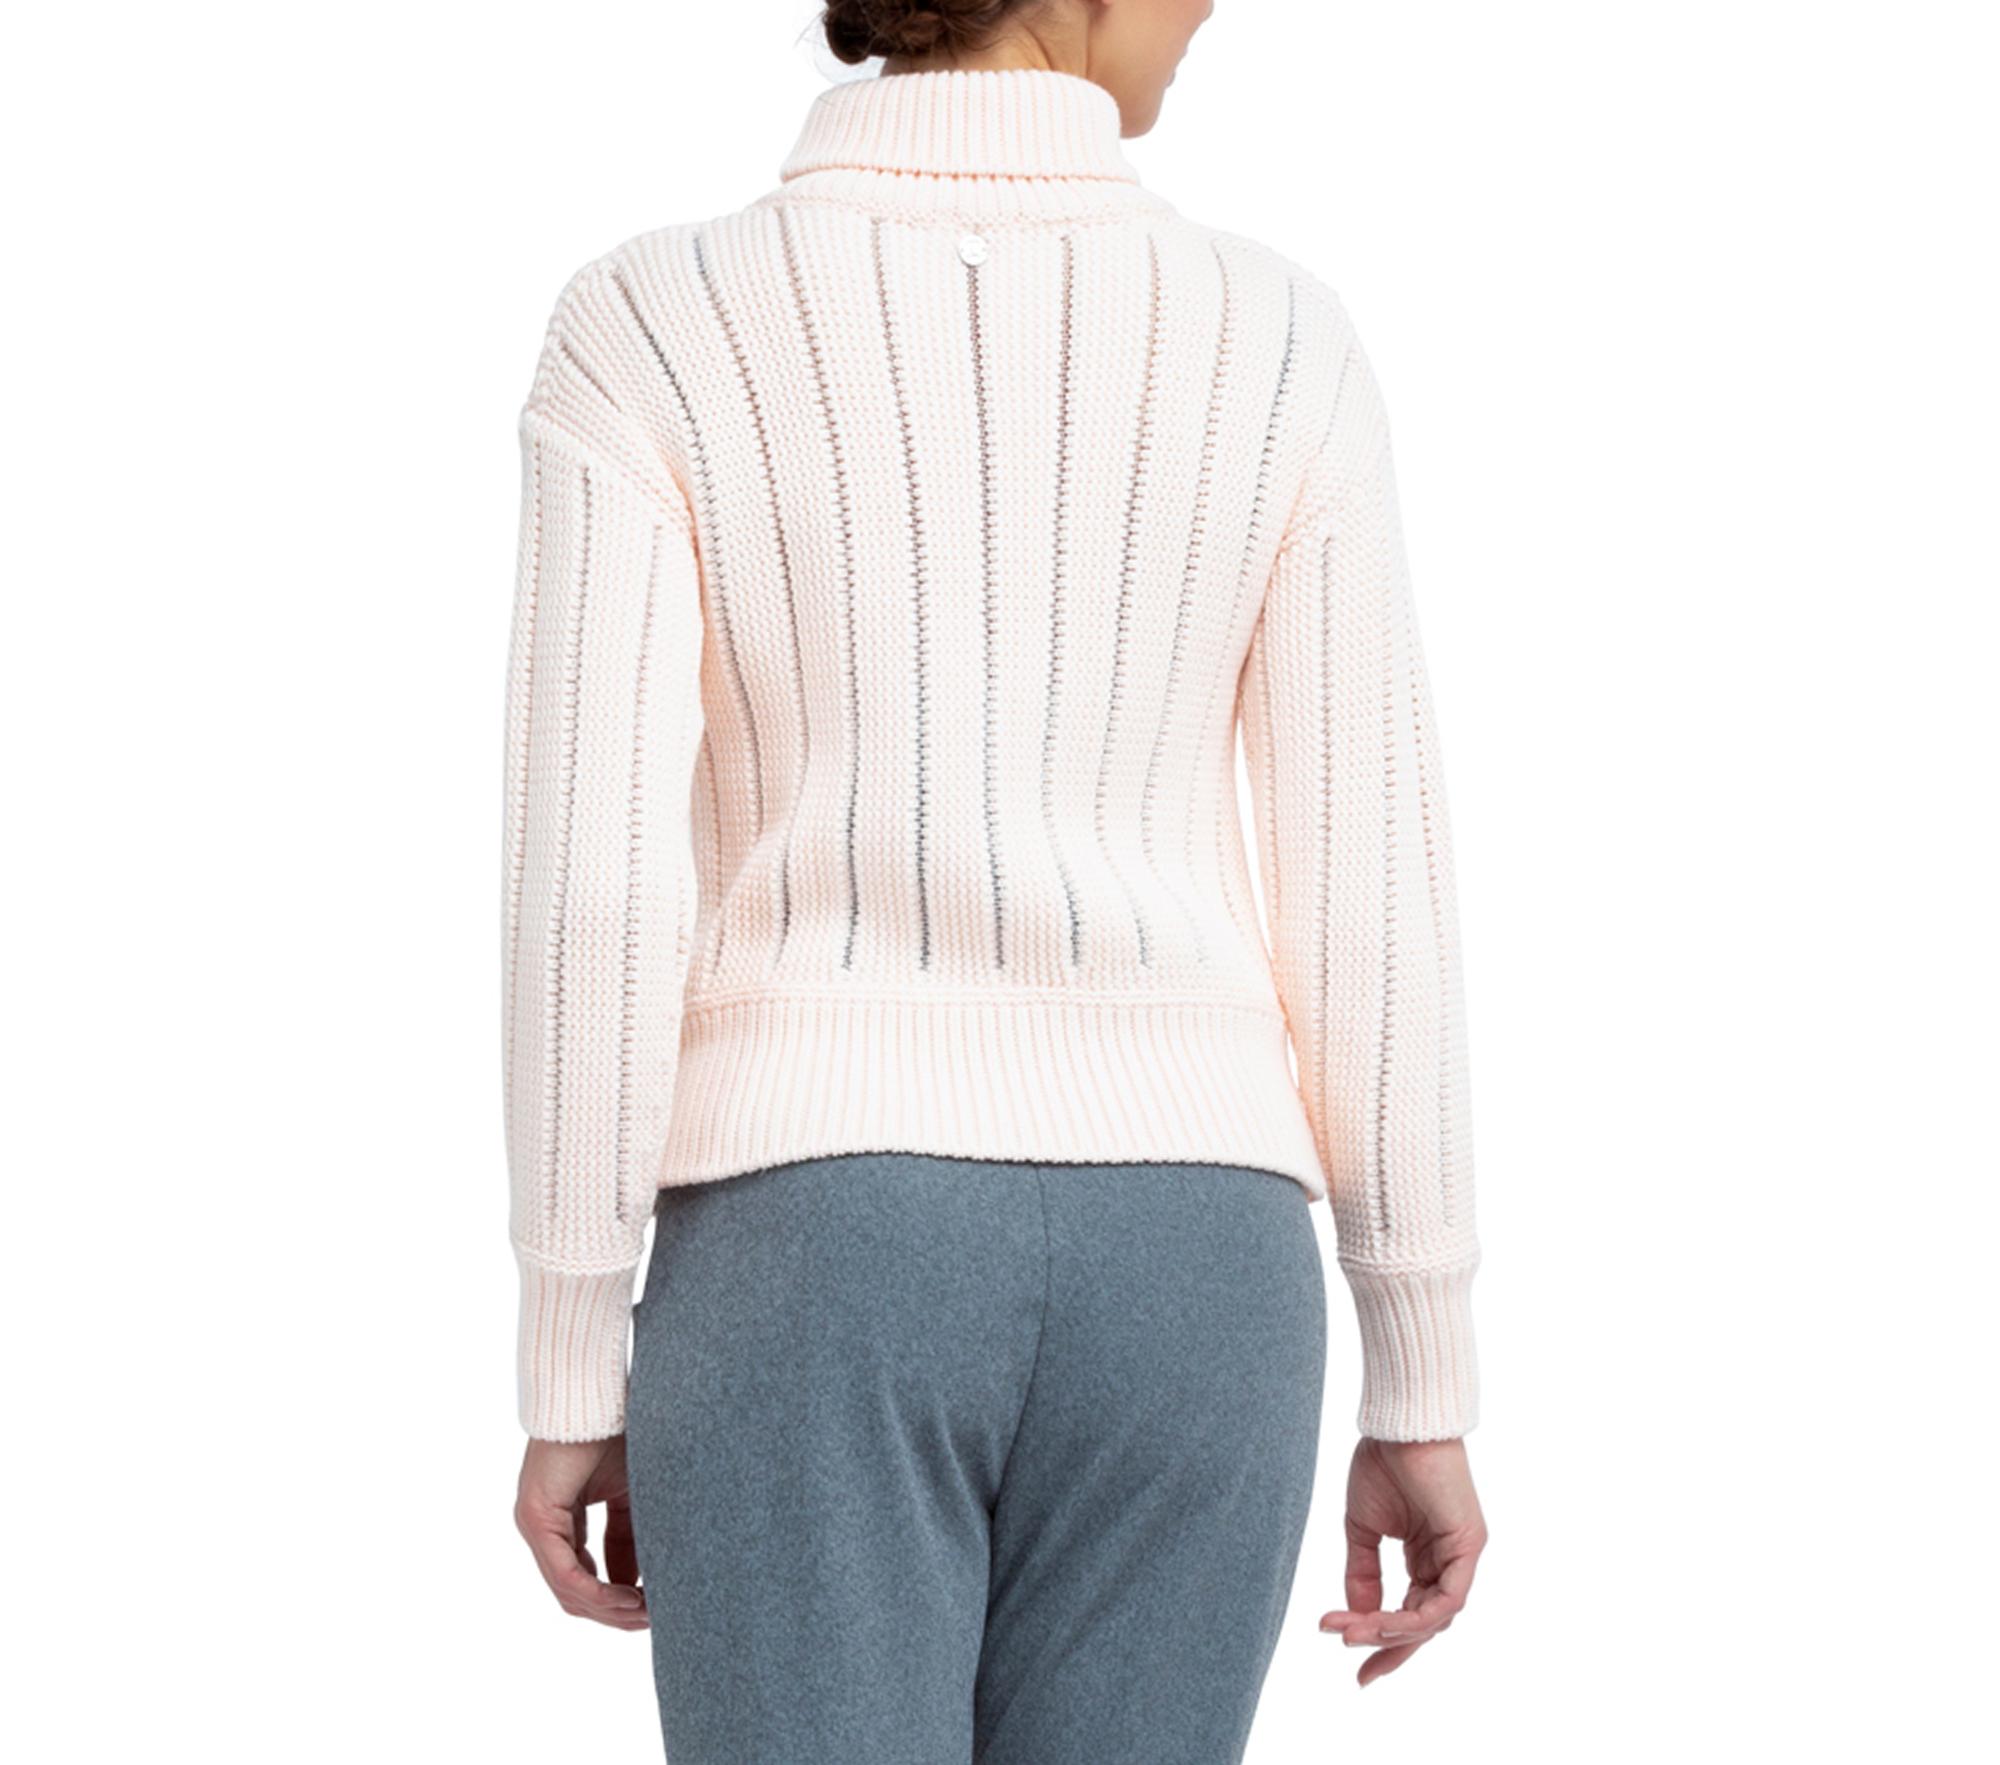 Mesh verziert Sweater